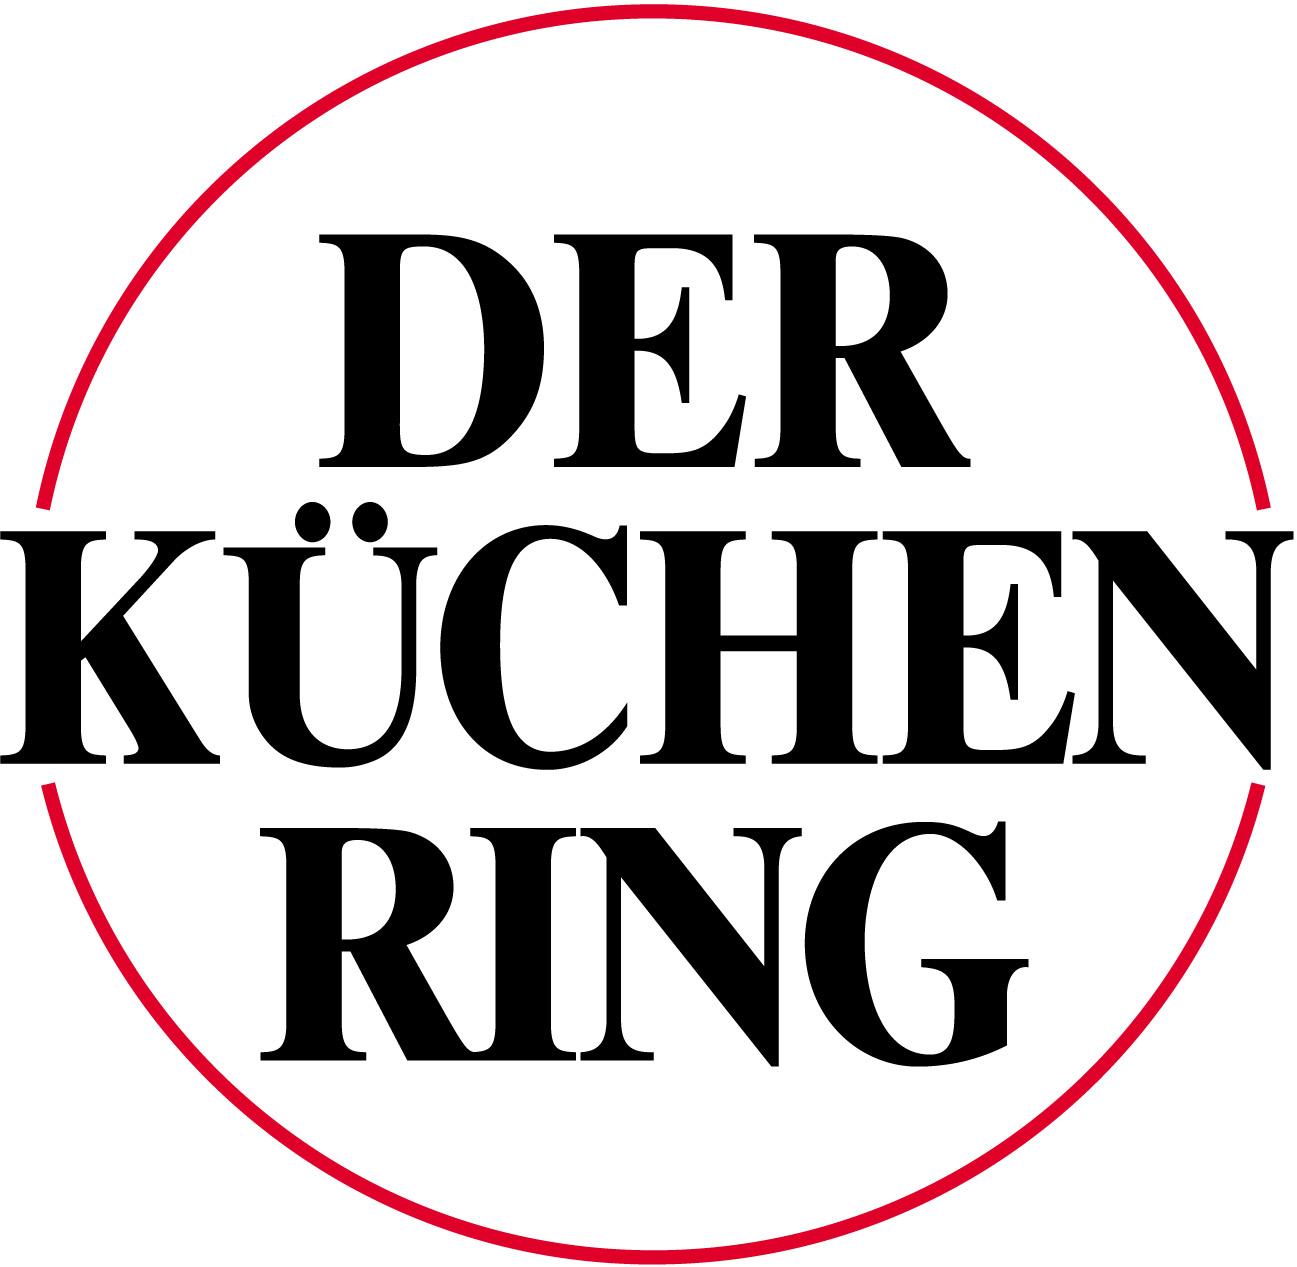 Ulbrich Küchen OHG ist Mitglied von DER KÜCHENRING - 700 Verkaufsstellen in Deutschland – DER KÜCHENRING ist eine starke Gemeinschaft! Mehr als 50.000 zufriedene Kunden im Jahr belegen, dass Sie unseren Fachhändlern vertrauen können. Bei uns erhalten Sie erprobte Qualität, ausgesuchten Service und – aufgrund der Stärke der Gemeinschaft – auch ein hervorragendes Preis-Leistungsverhältnis.Weitere Informationen dazu finden Sie unter www.kuechenring.de